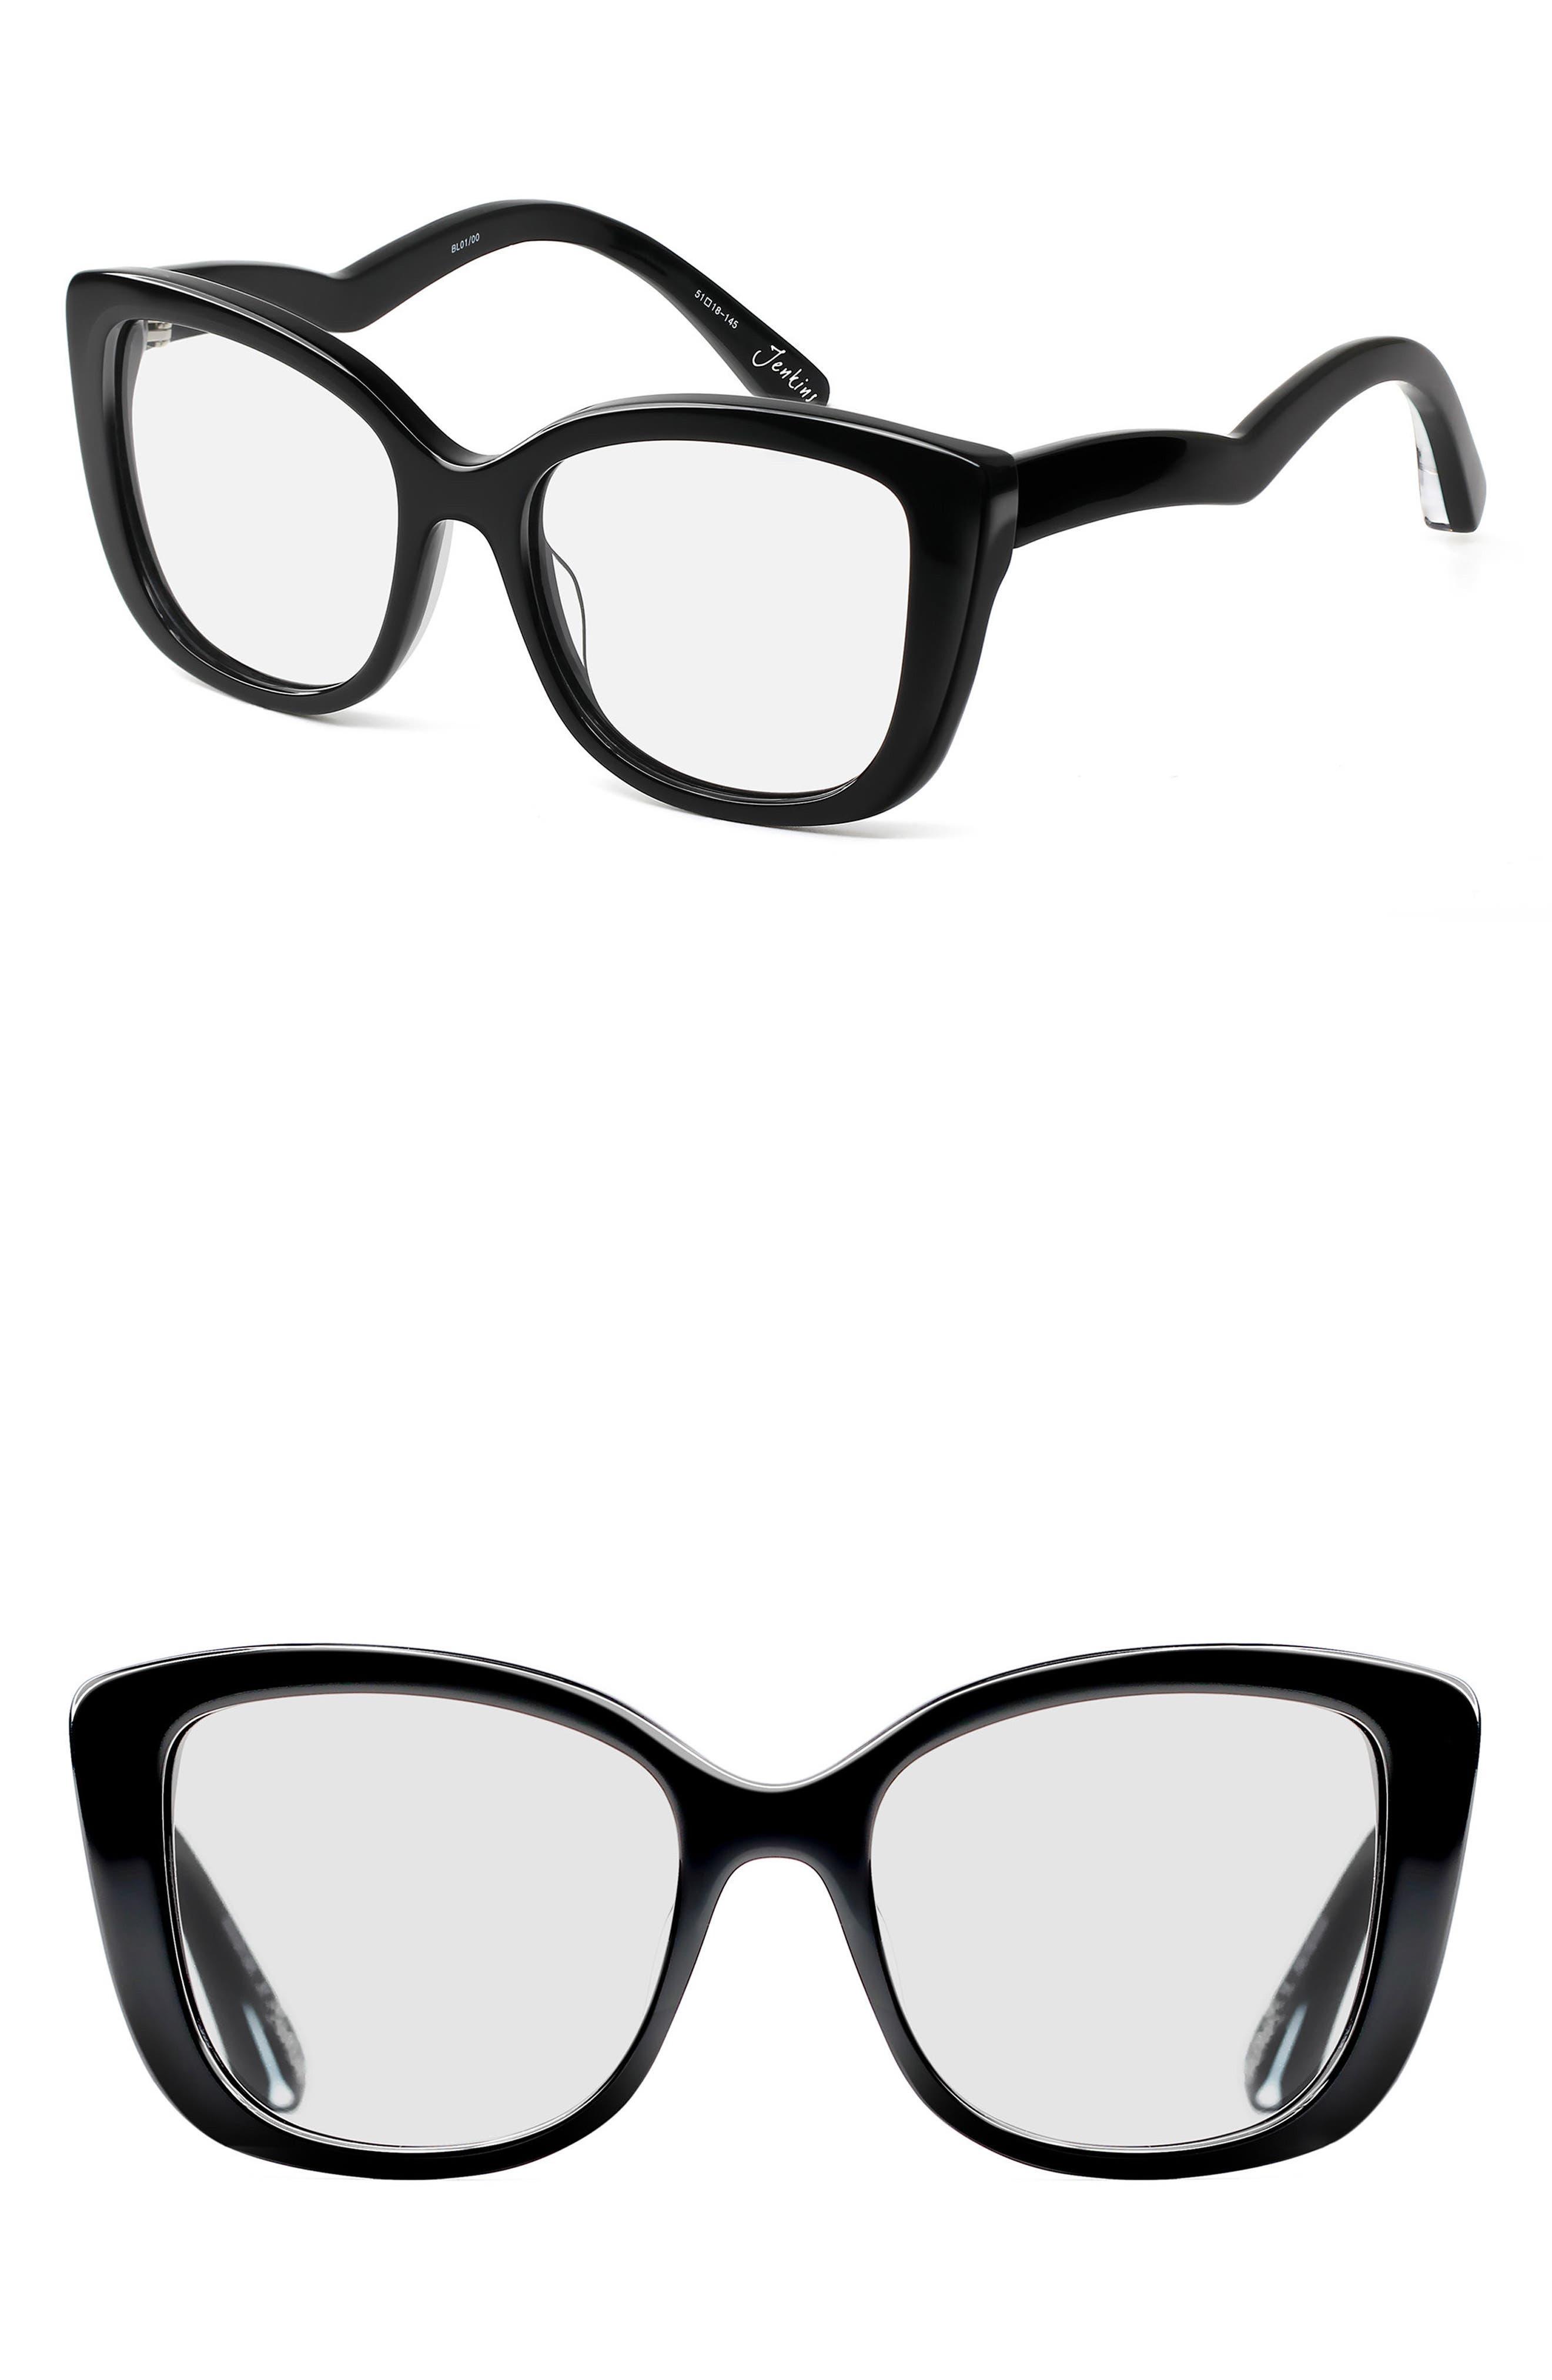 Jenkins 51mm Optical Frames,                         Main,                         color, Black